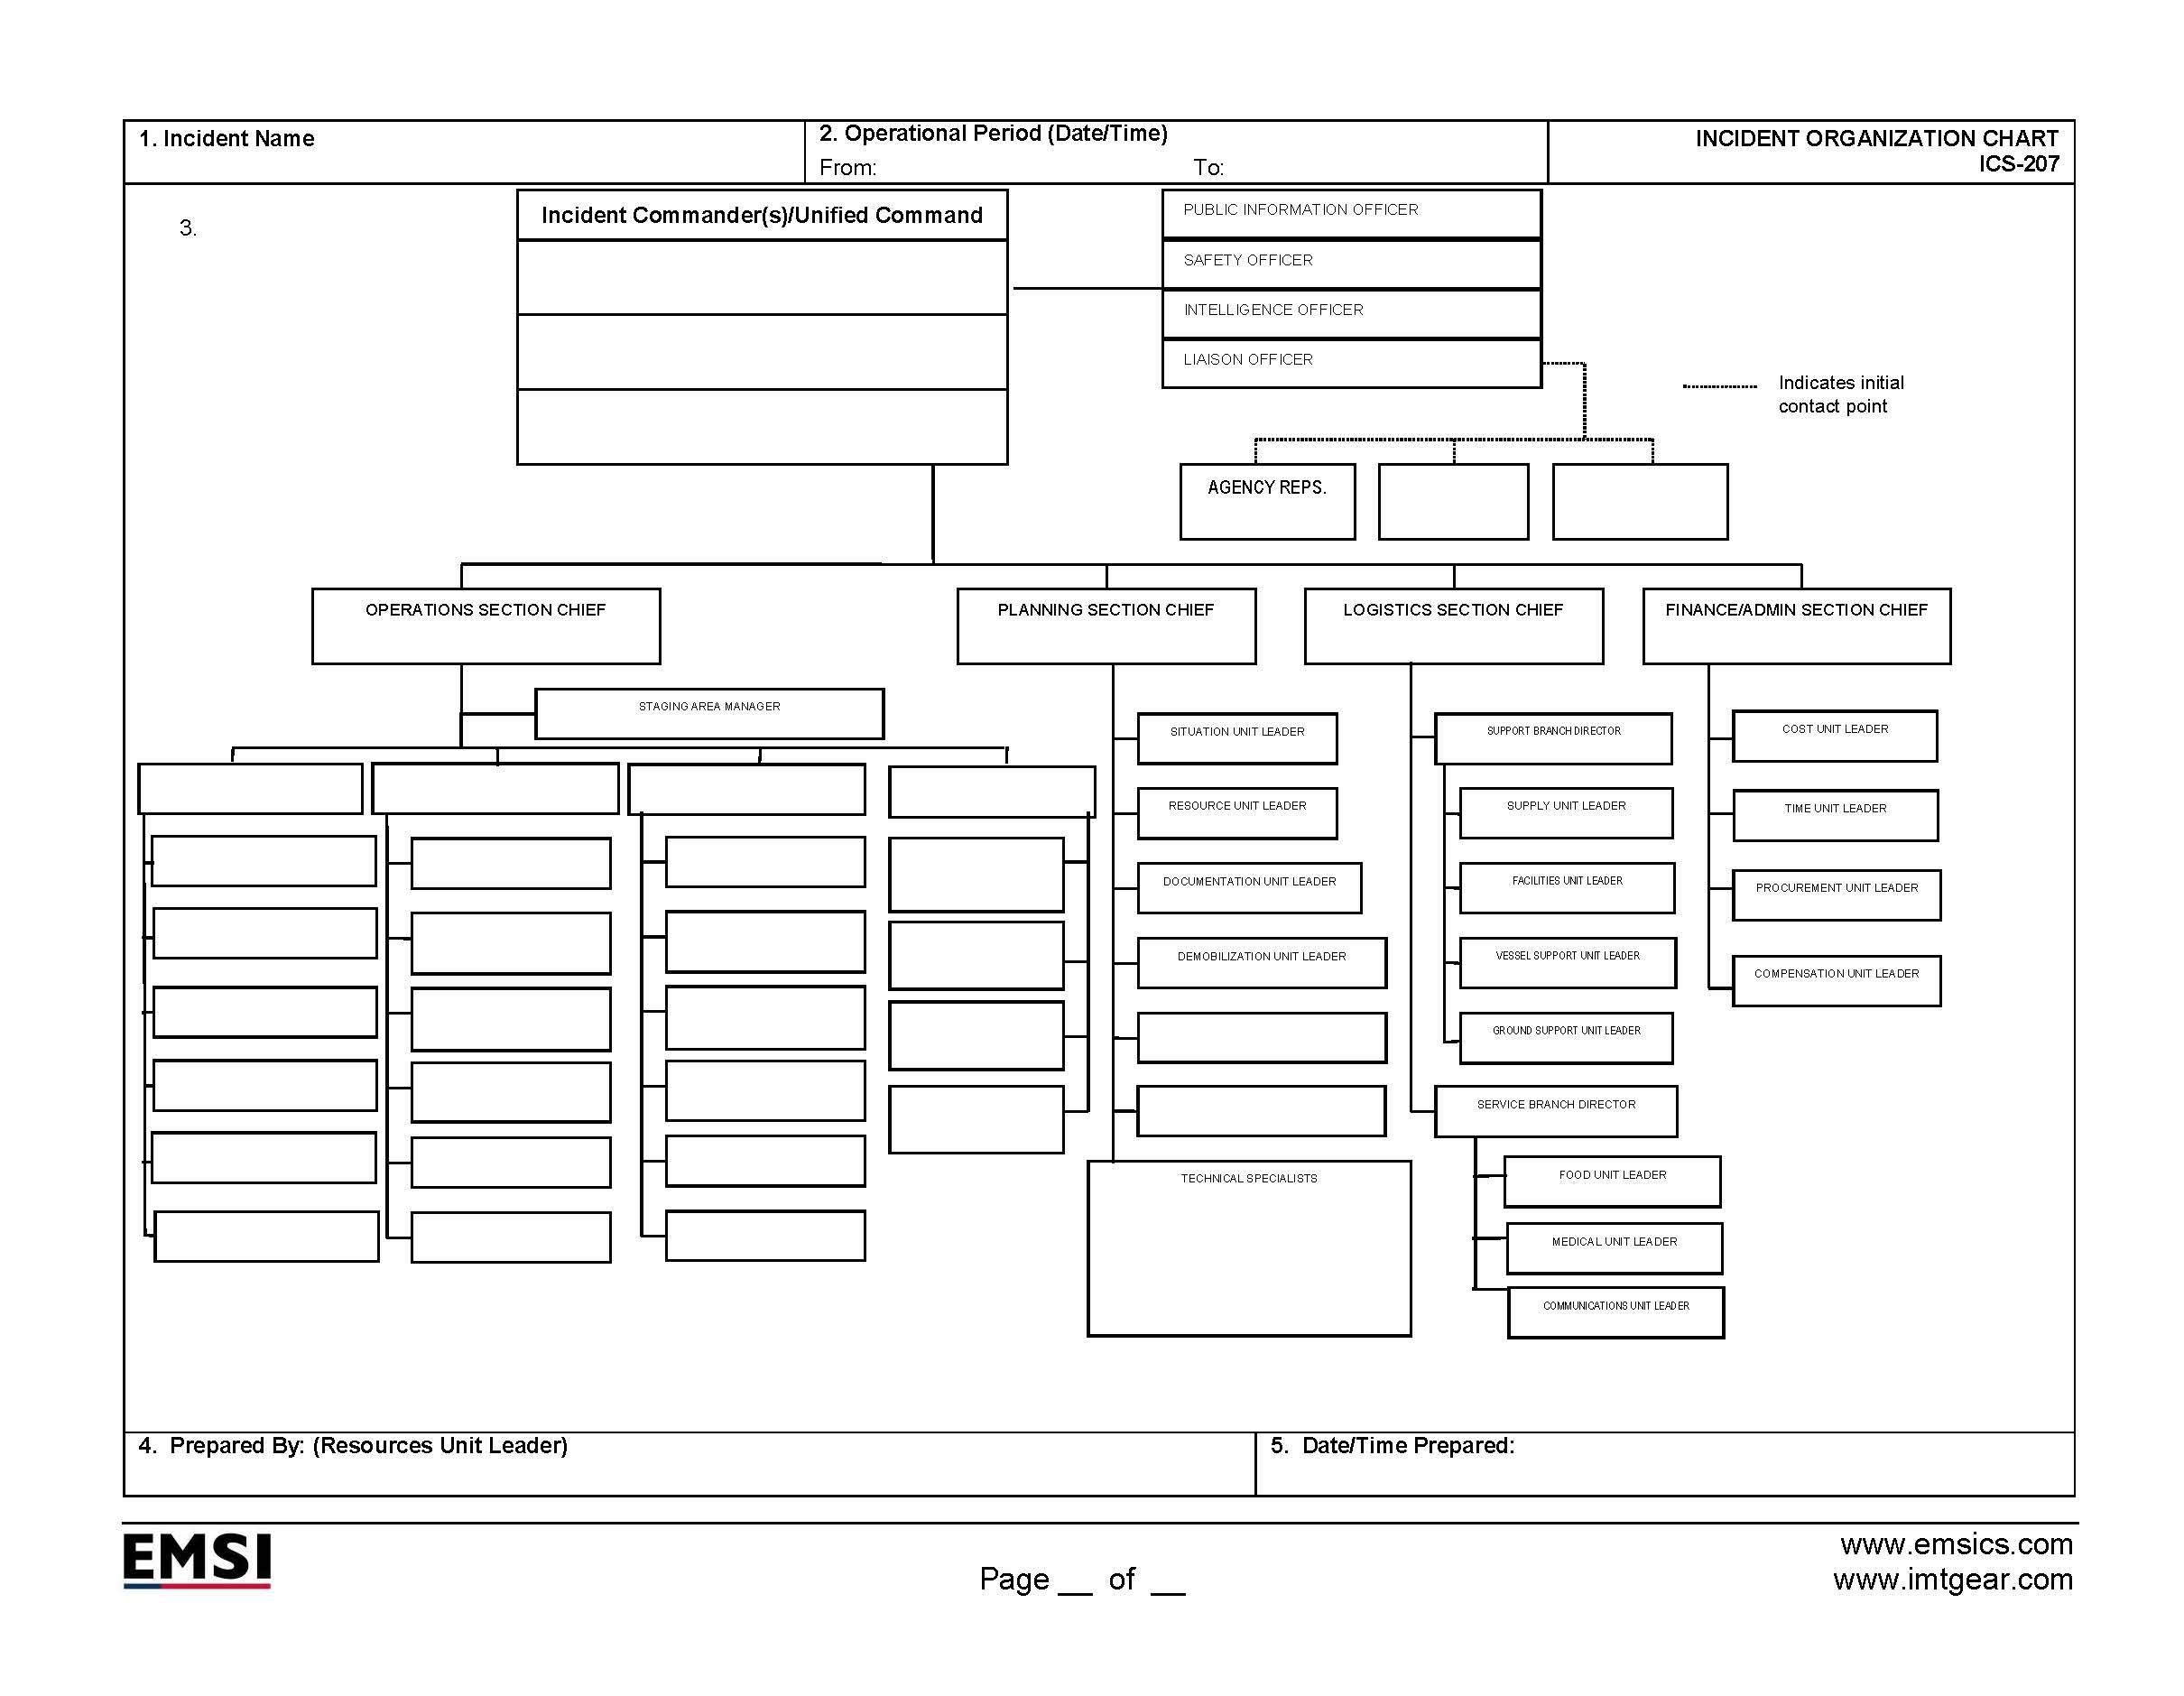 Ics 207 Incident Org Chart